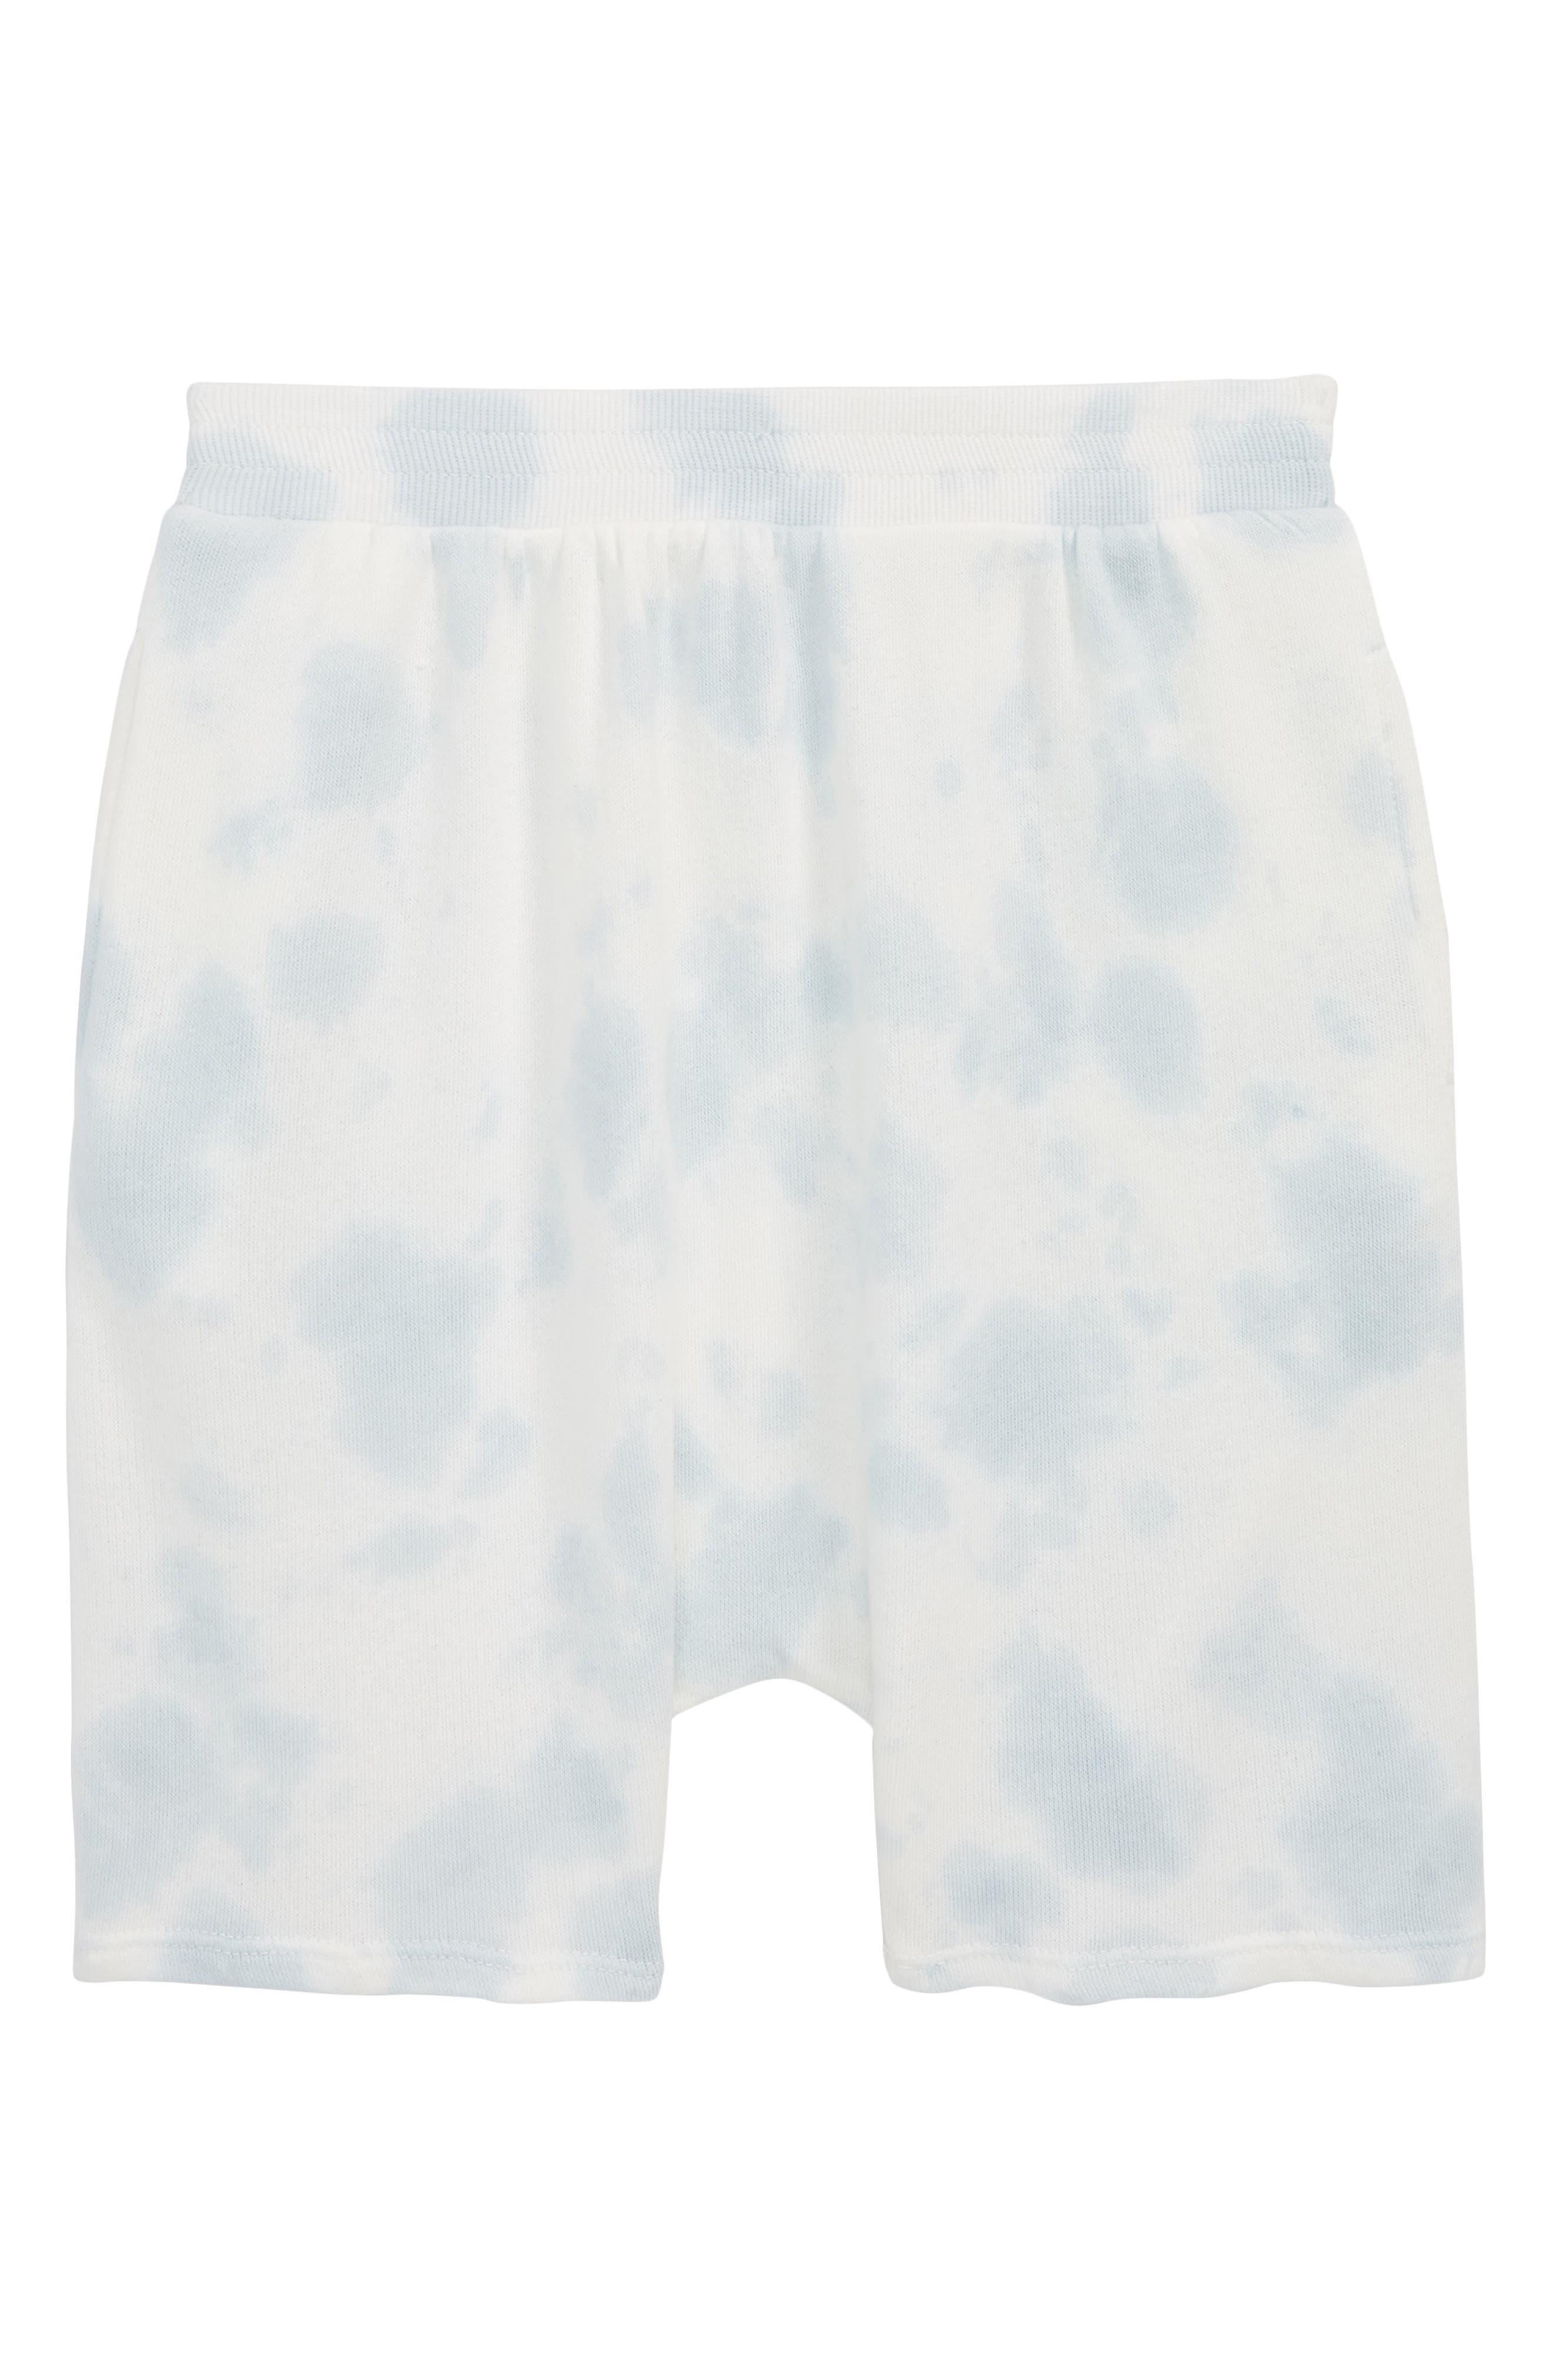 Tie Dye Shorts,                         Main,                         color, Blue Fog Tie Dye